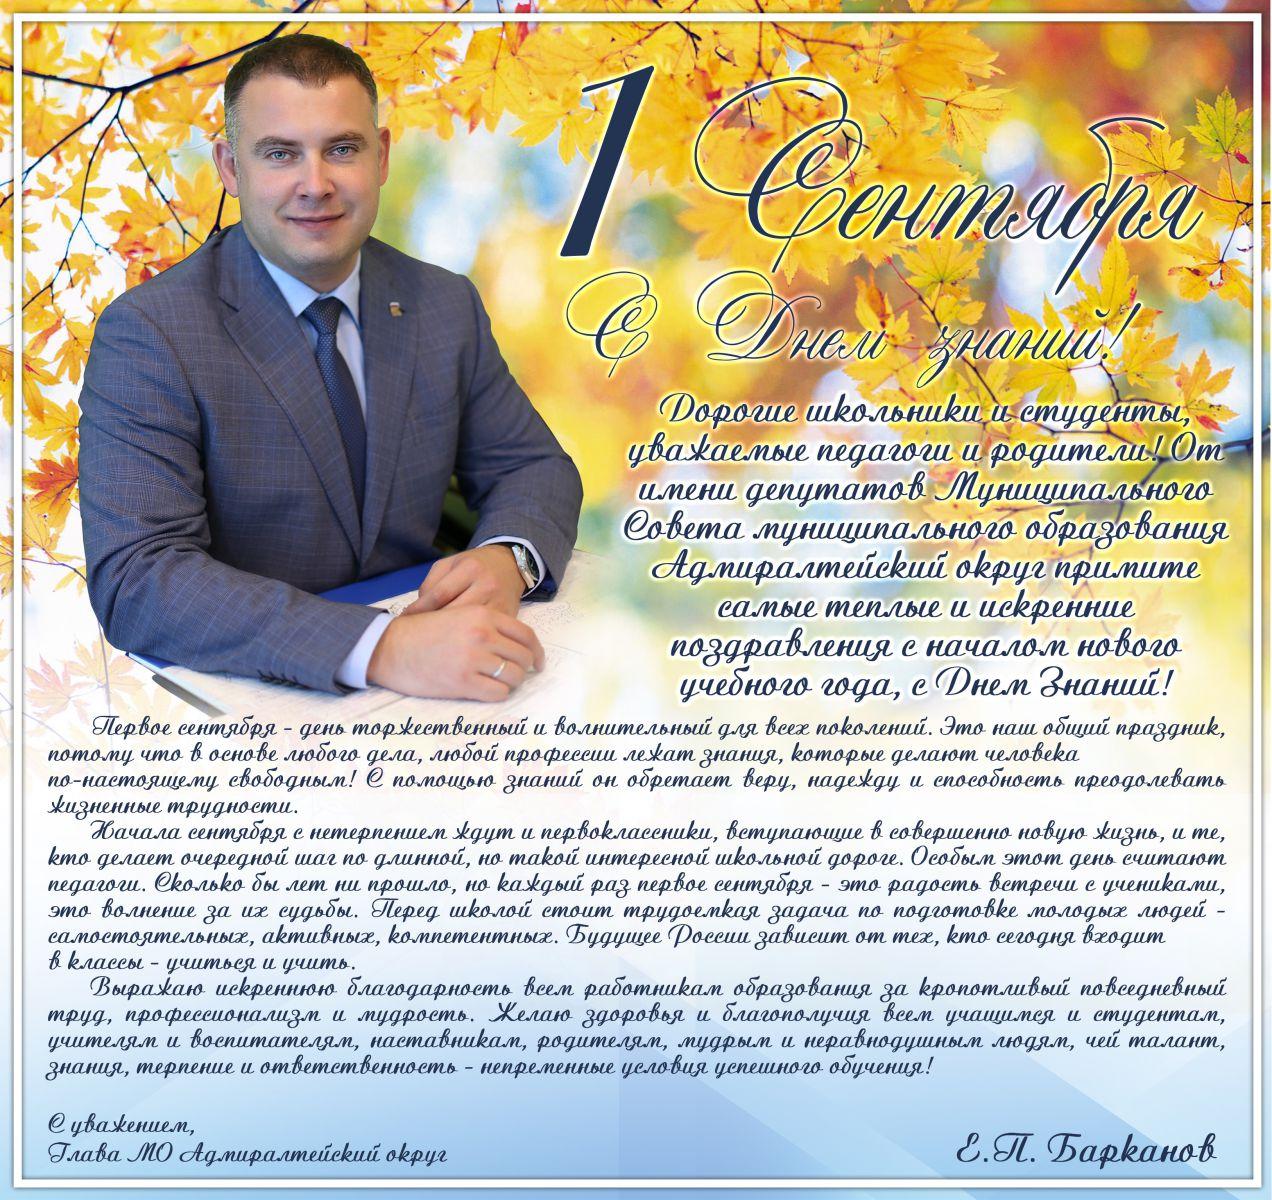 Поздравление с 1 сентября от главы района